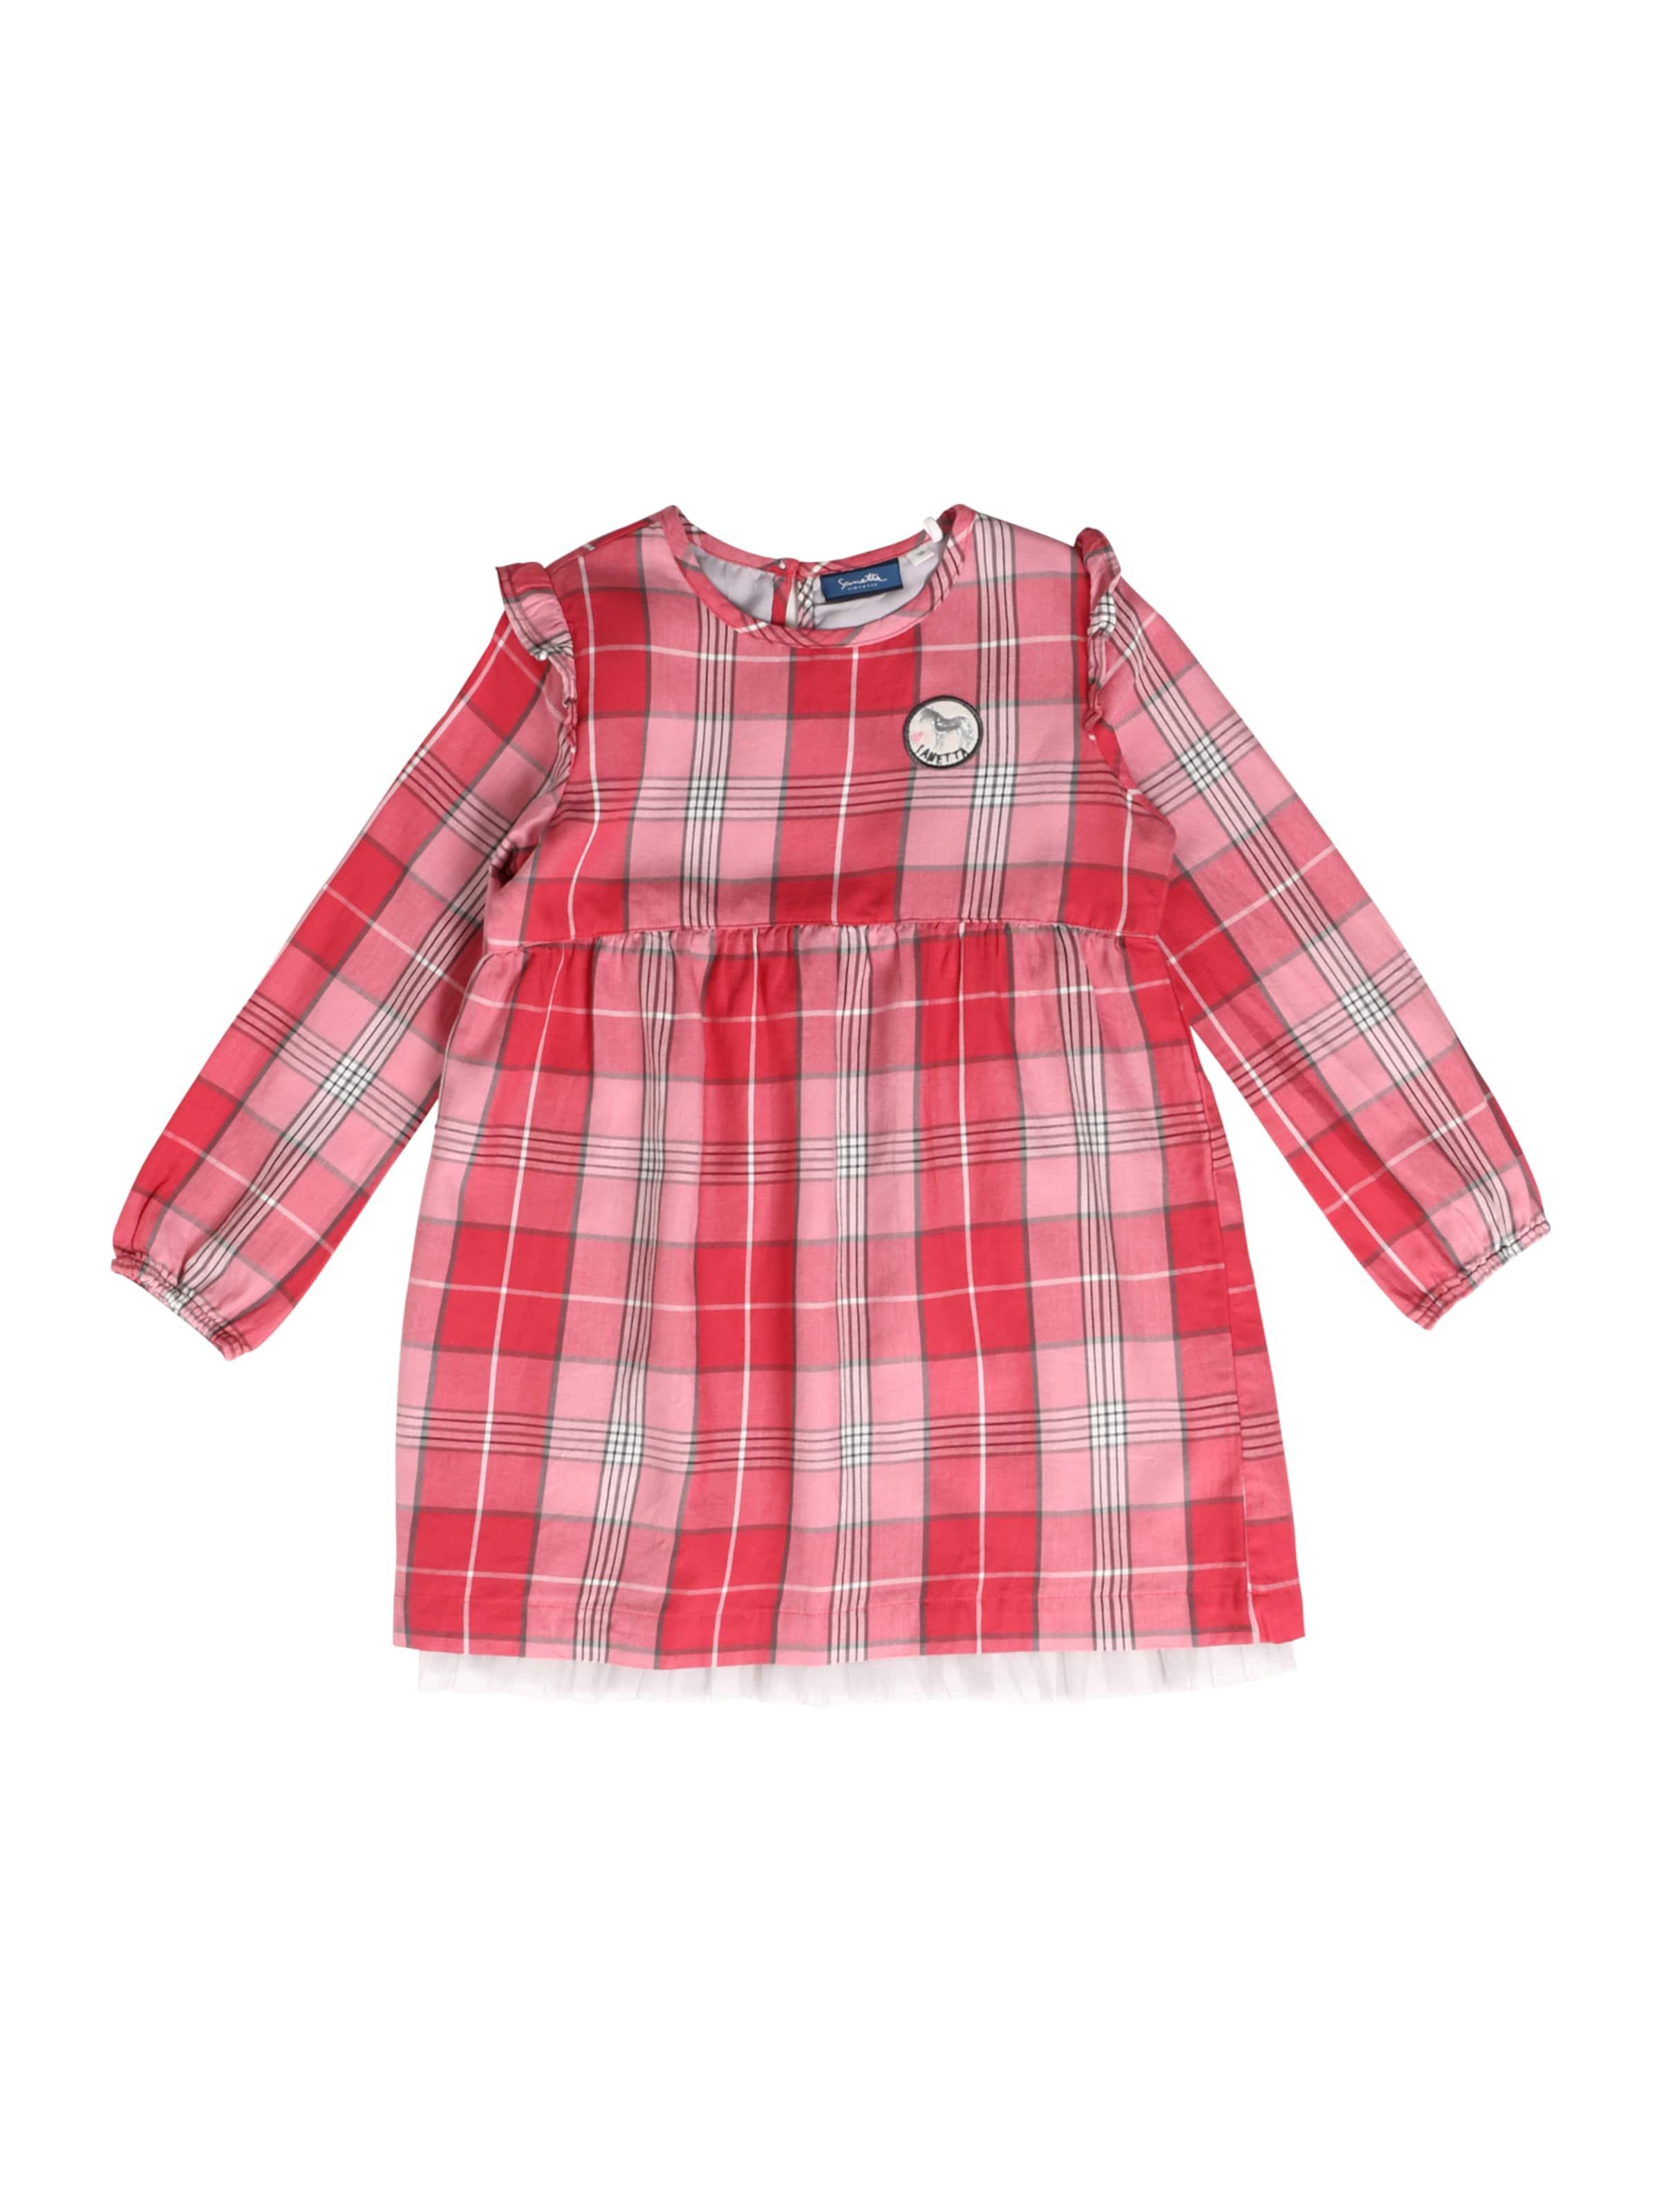 Kinder,  Mädchen,  Kinder Sanetta Kidswear Kleid grau,  pink | 04055502974898